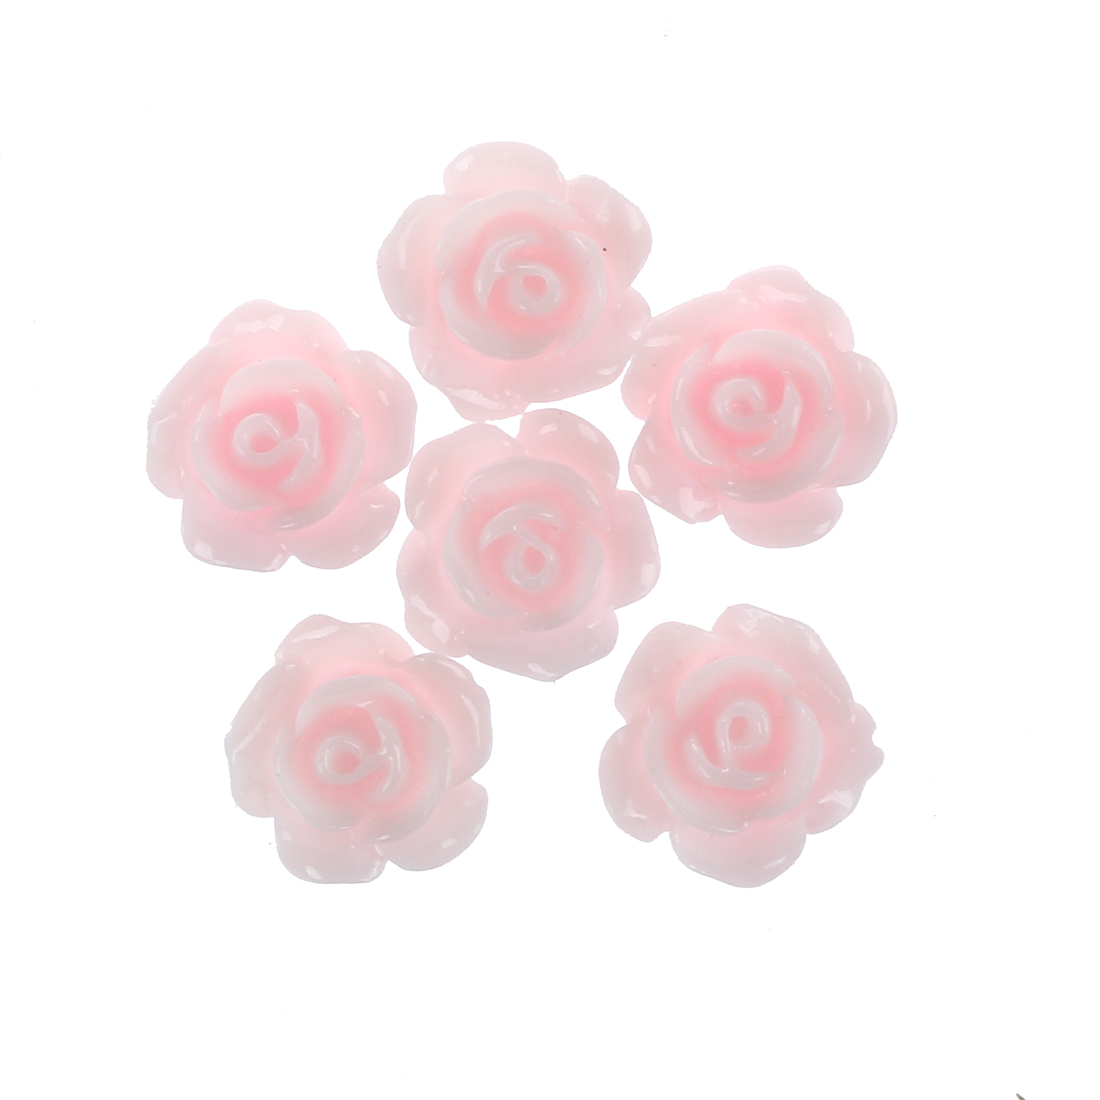 20 Stuecke 3D Rosa Kleine Blumen mit Strass Nagel Kunst Dekoration ...